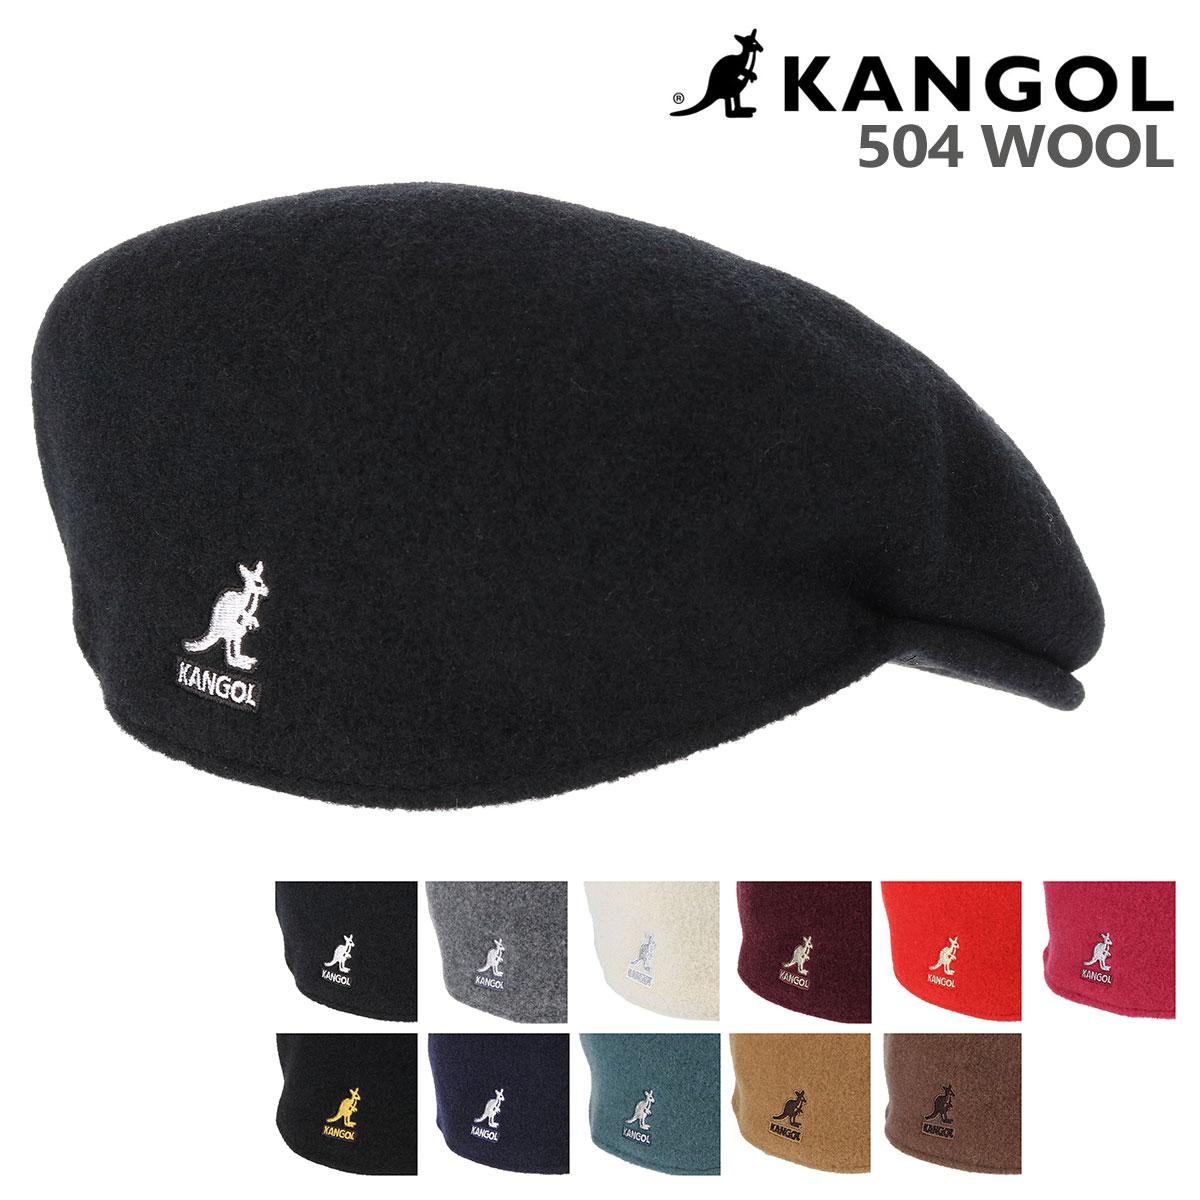 カンゴール ハンチング 504 ウール レディース メンズ 187169001 KANGOL 帽子[PO5][bef][即日発送]